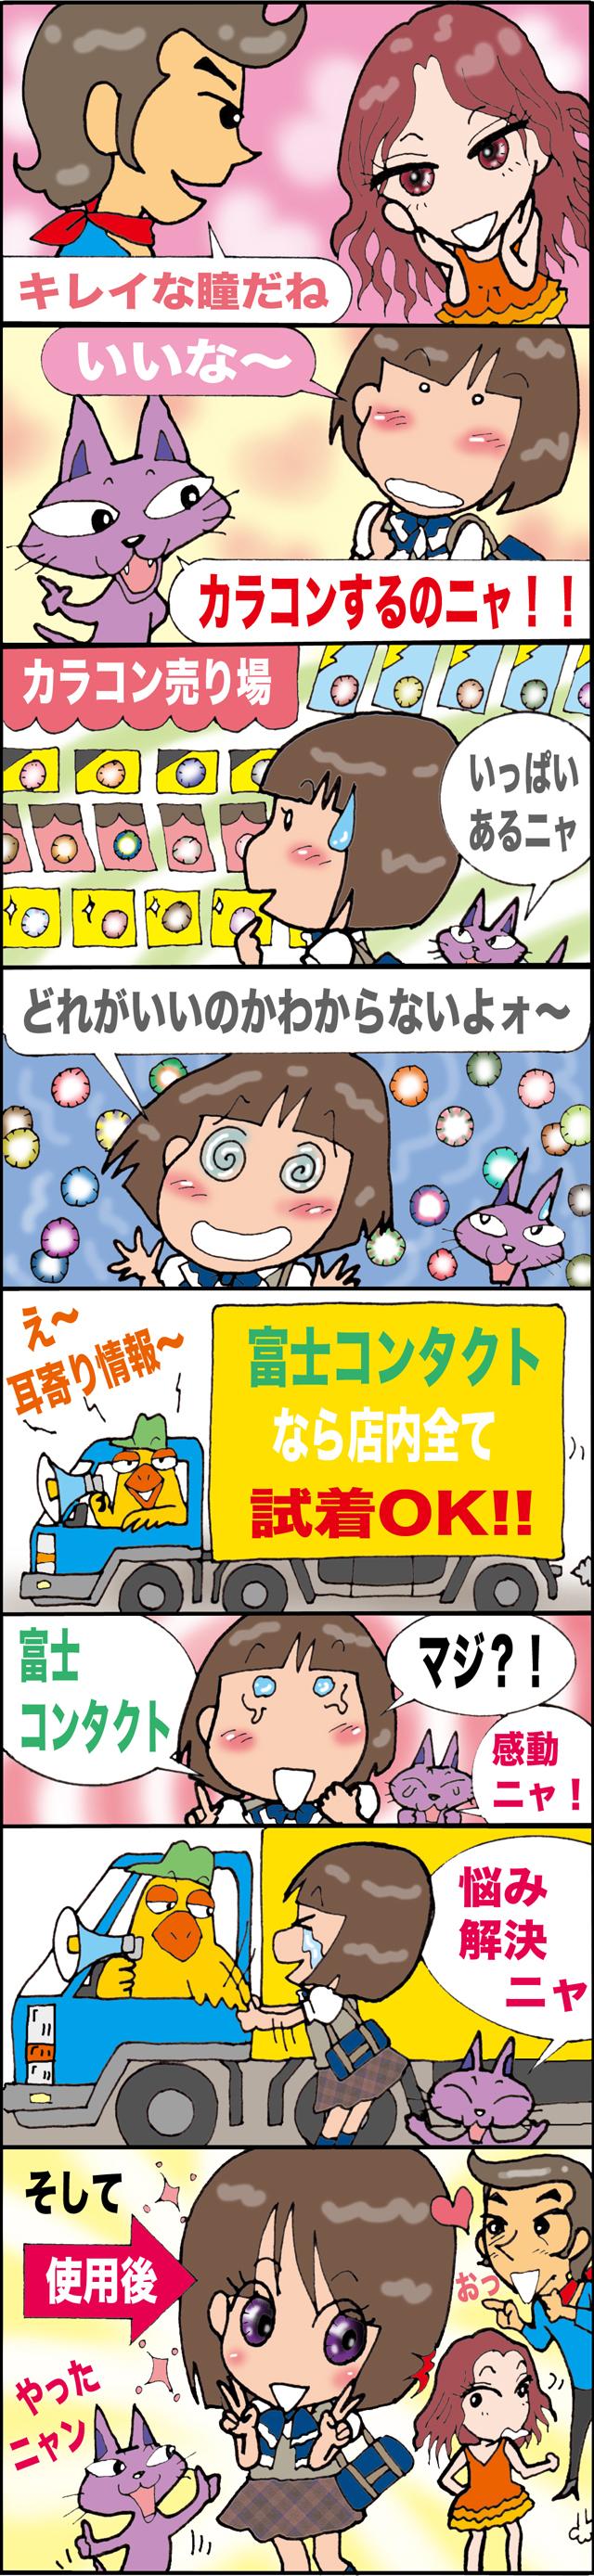 fuji_manga